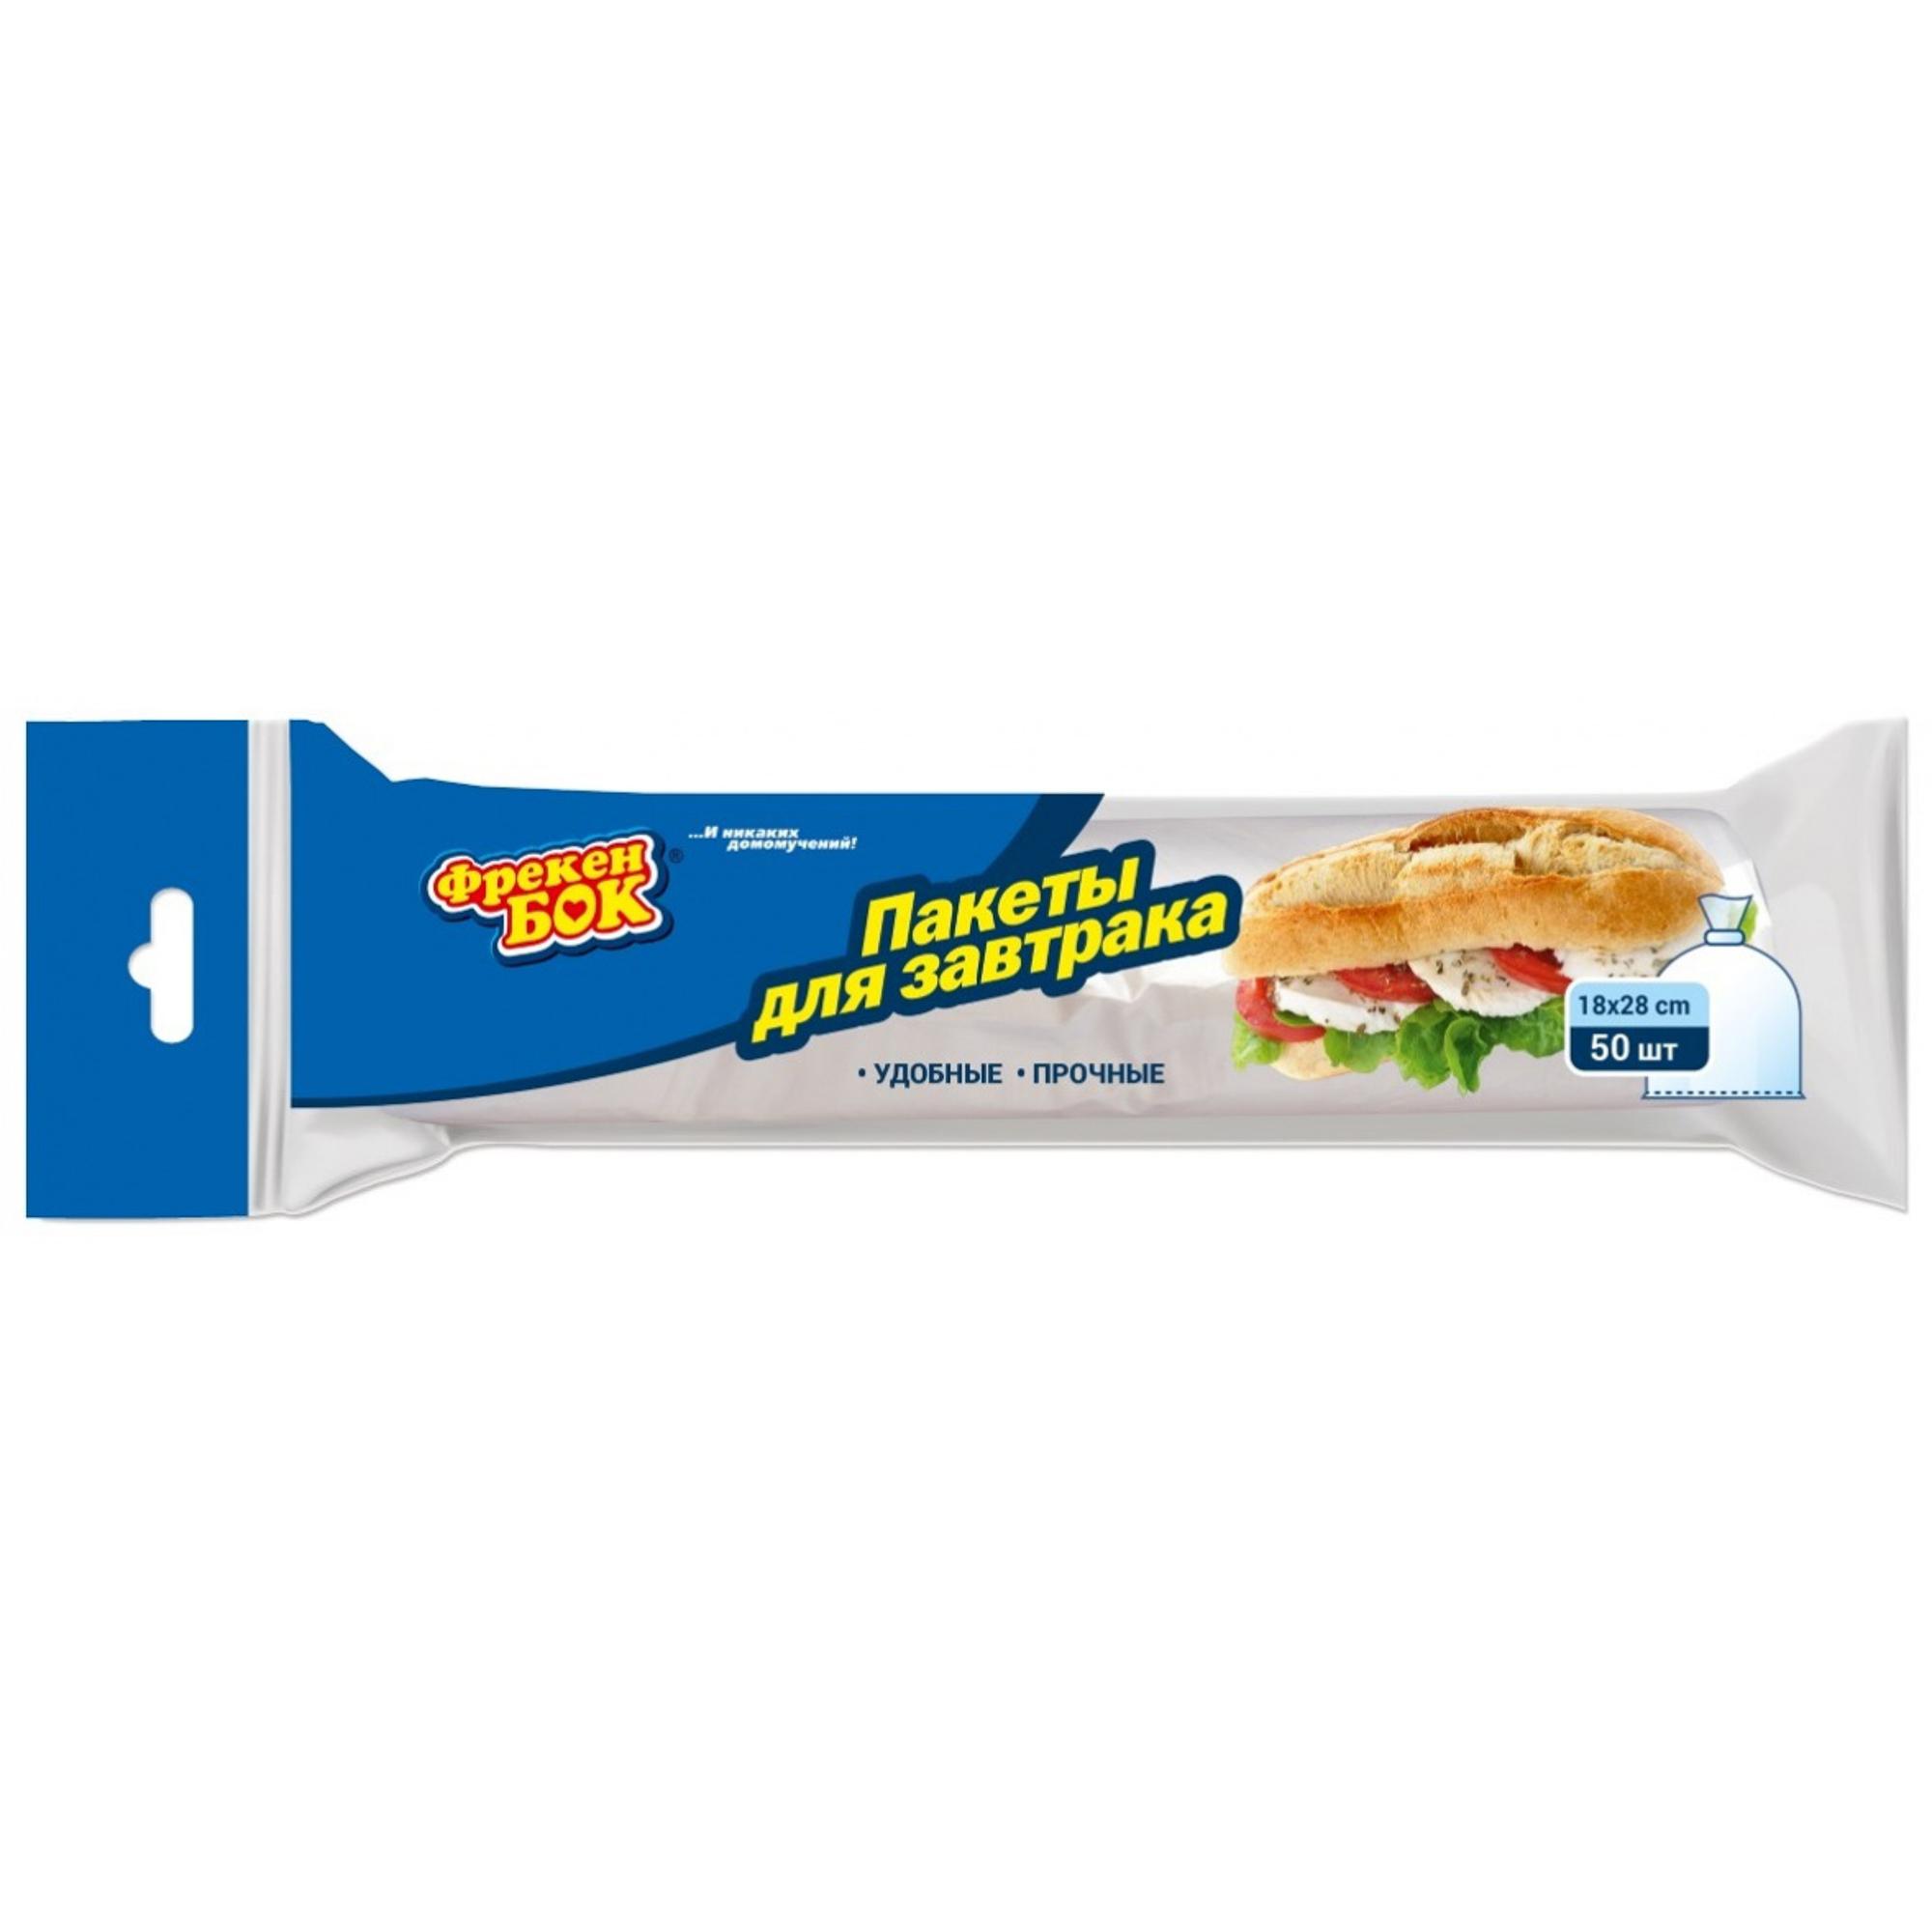 Пакетики для завтрака Фрекен Бок 18 х 28 см 50 шт